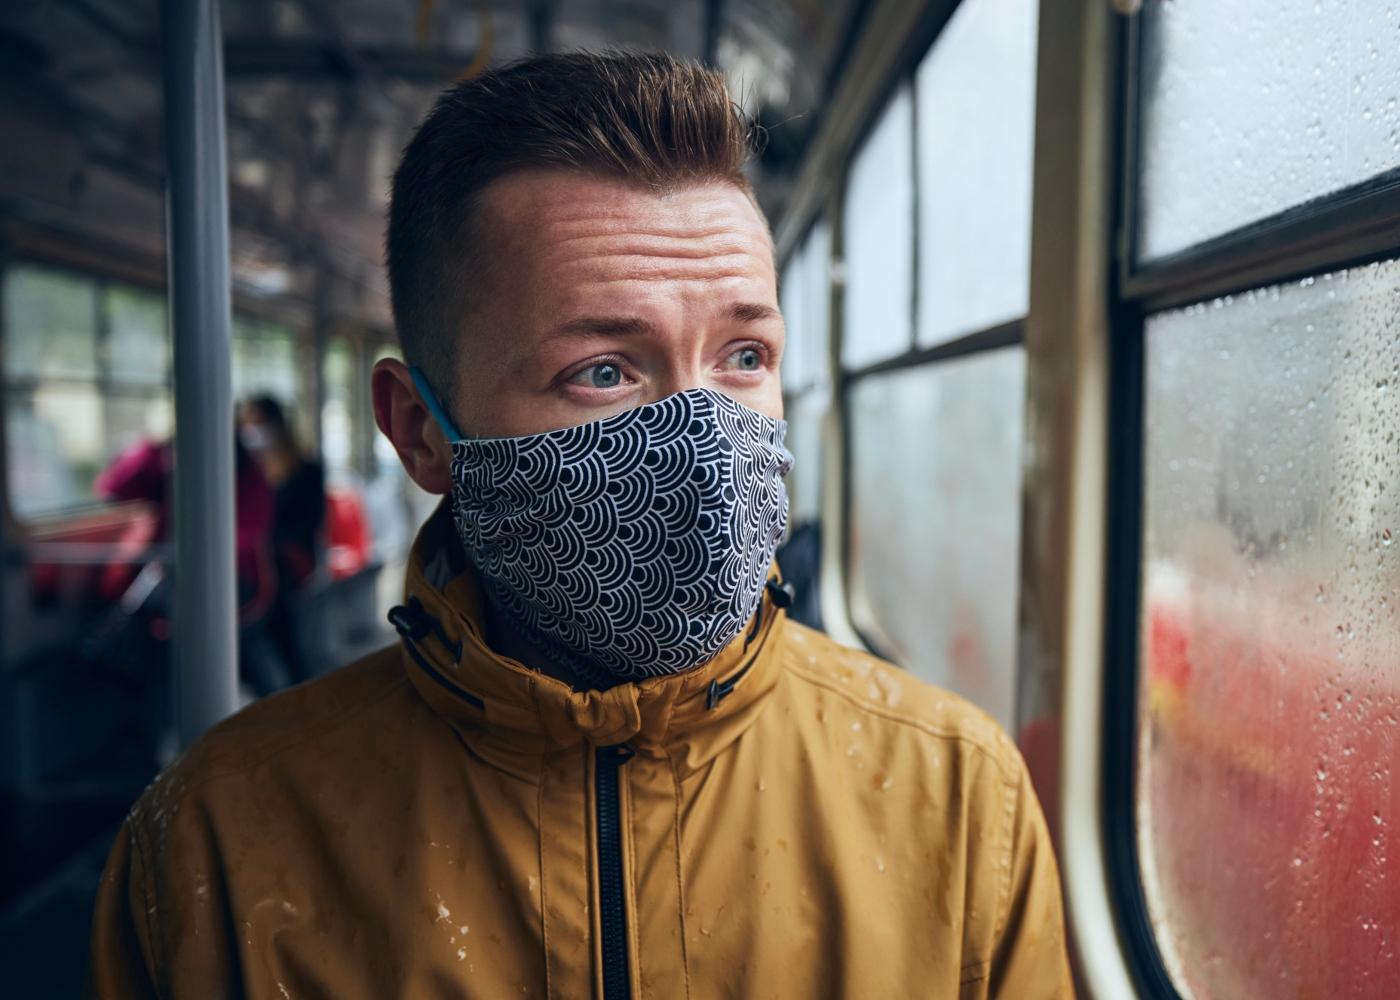 Homem com máscara comunitária no autocarro